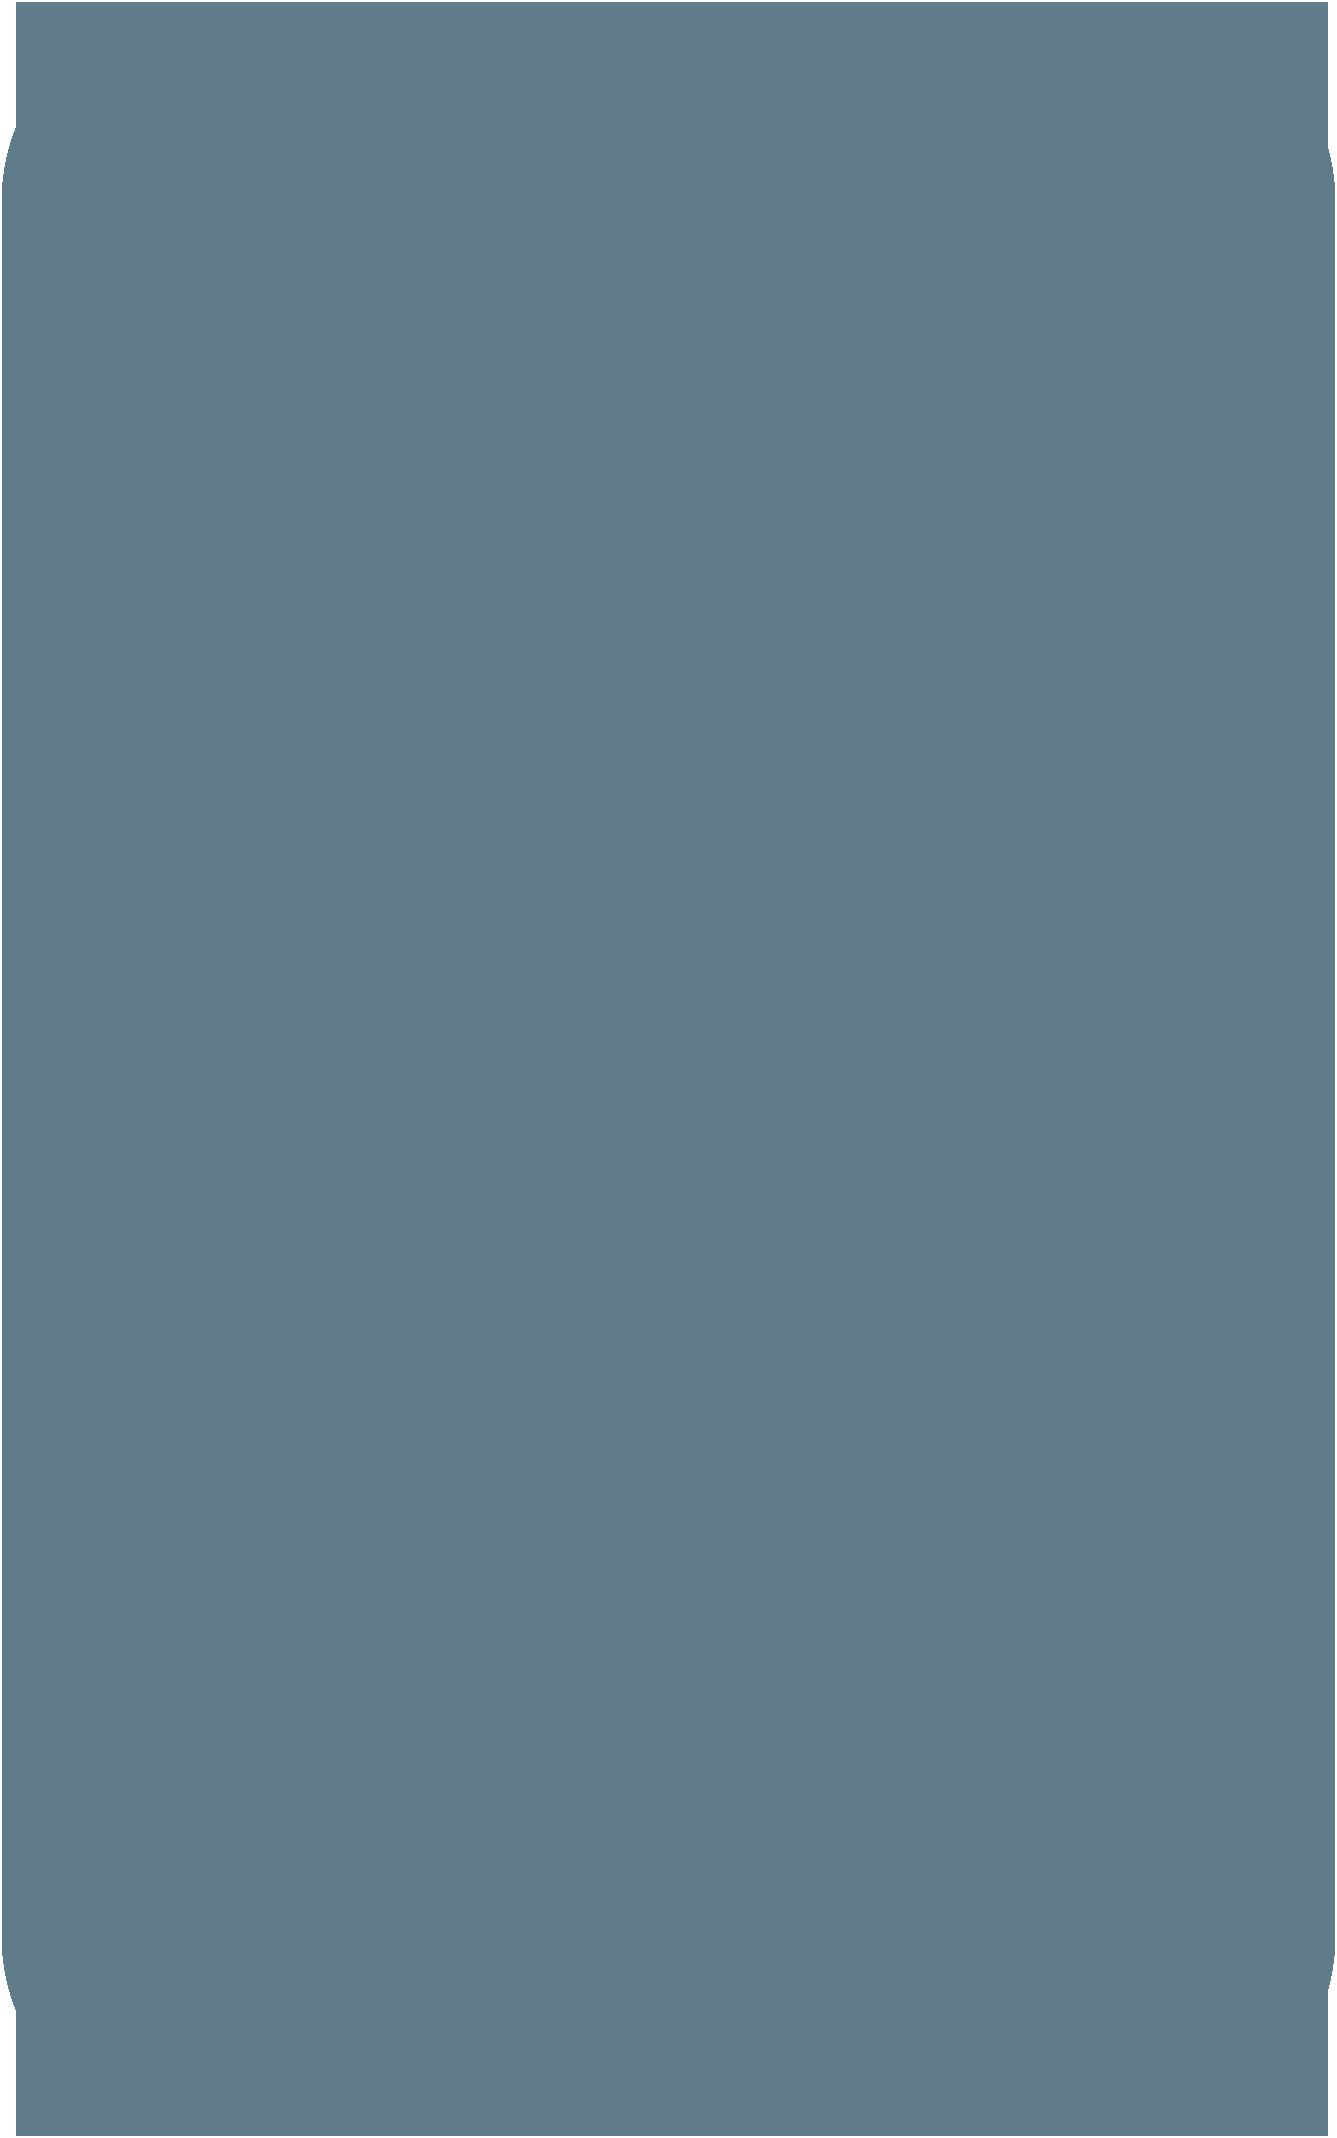 Pictrogramme d'un portable